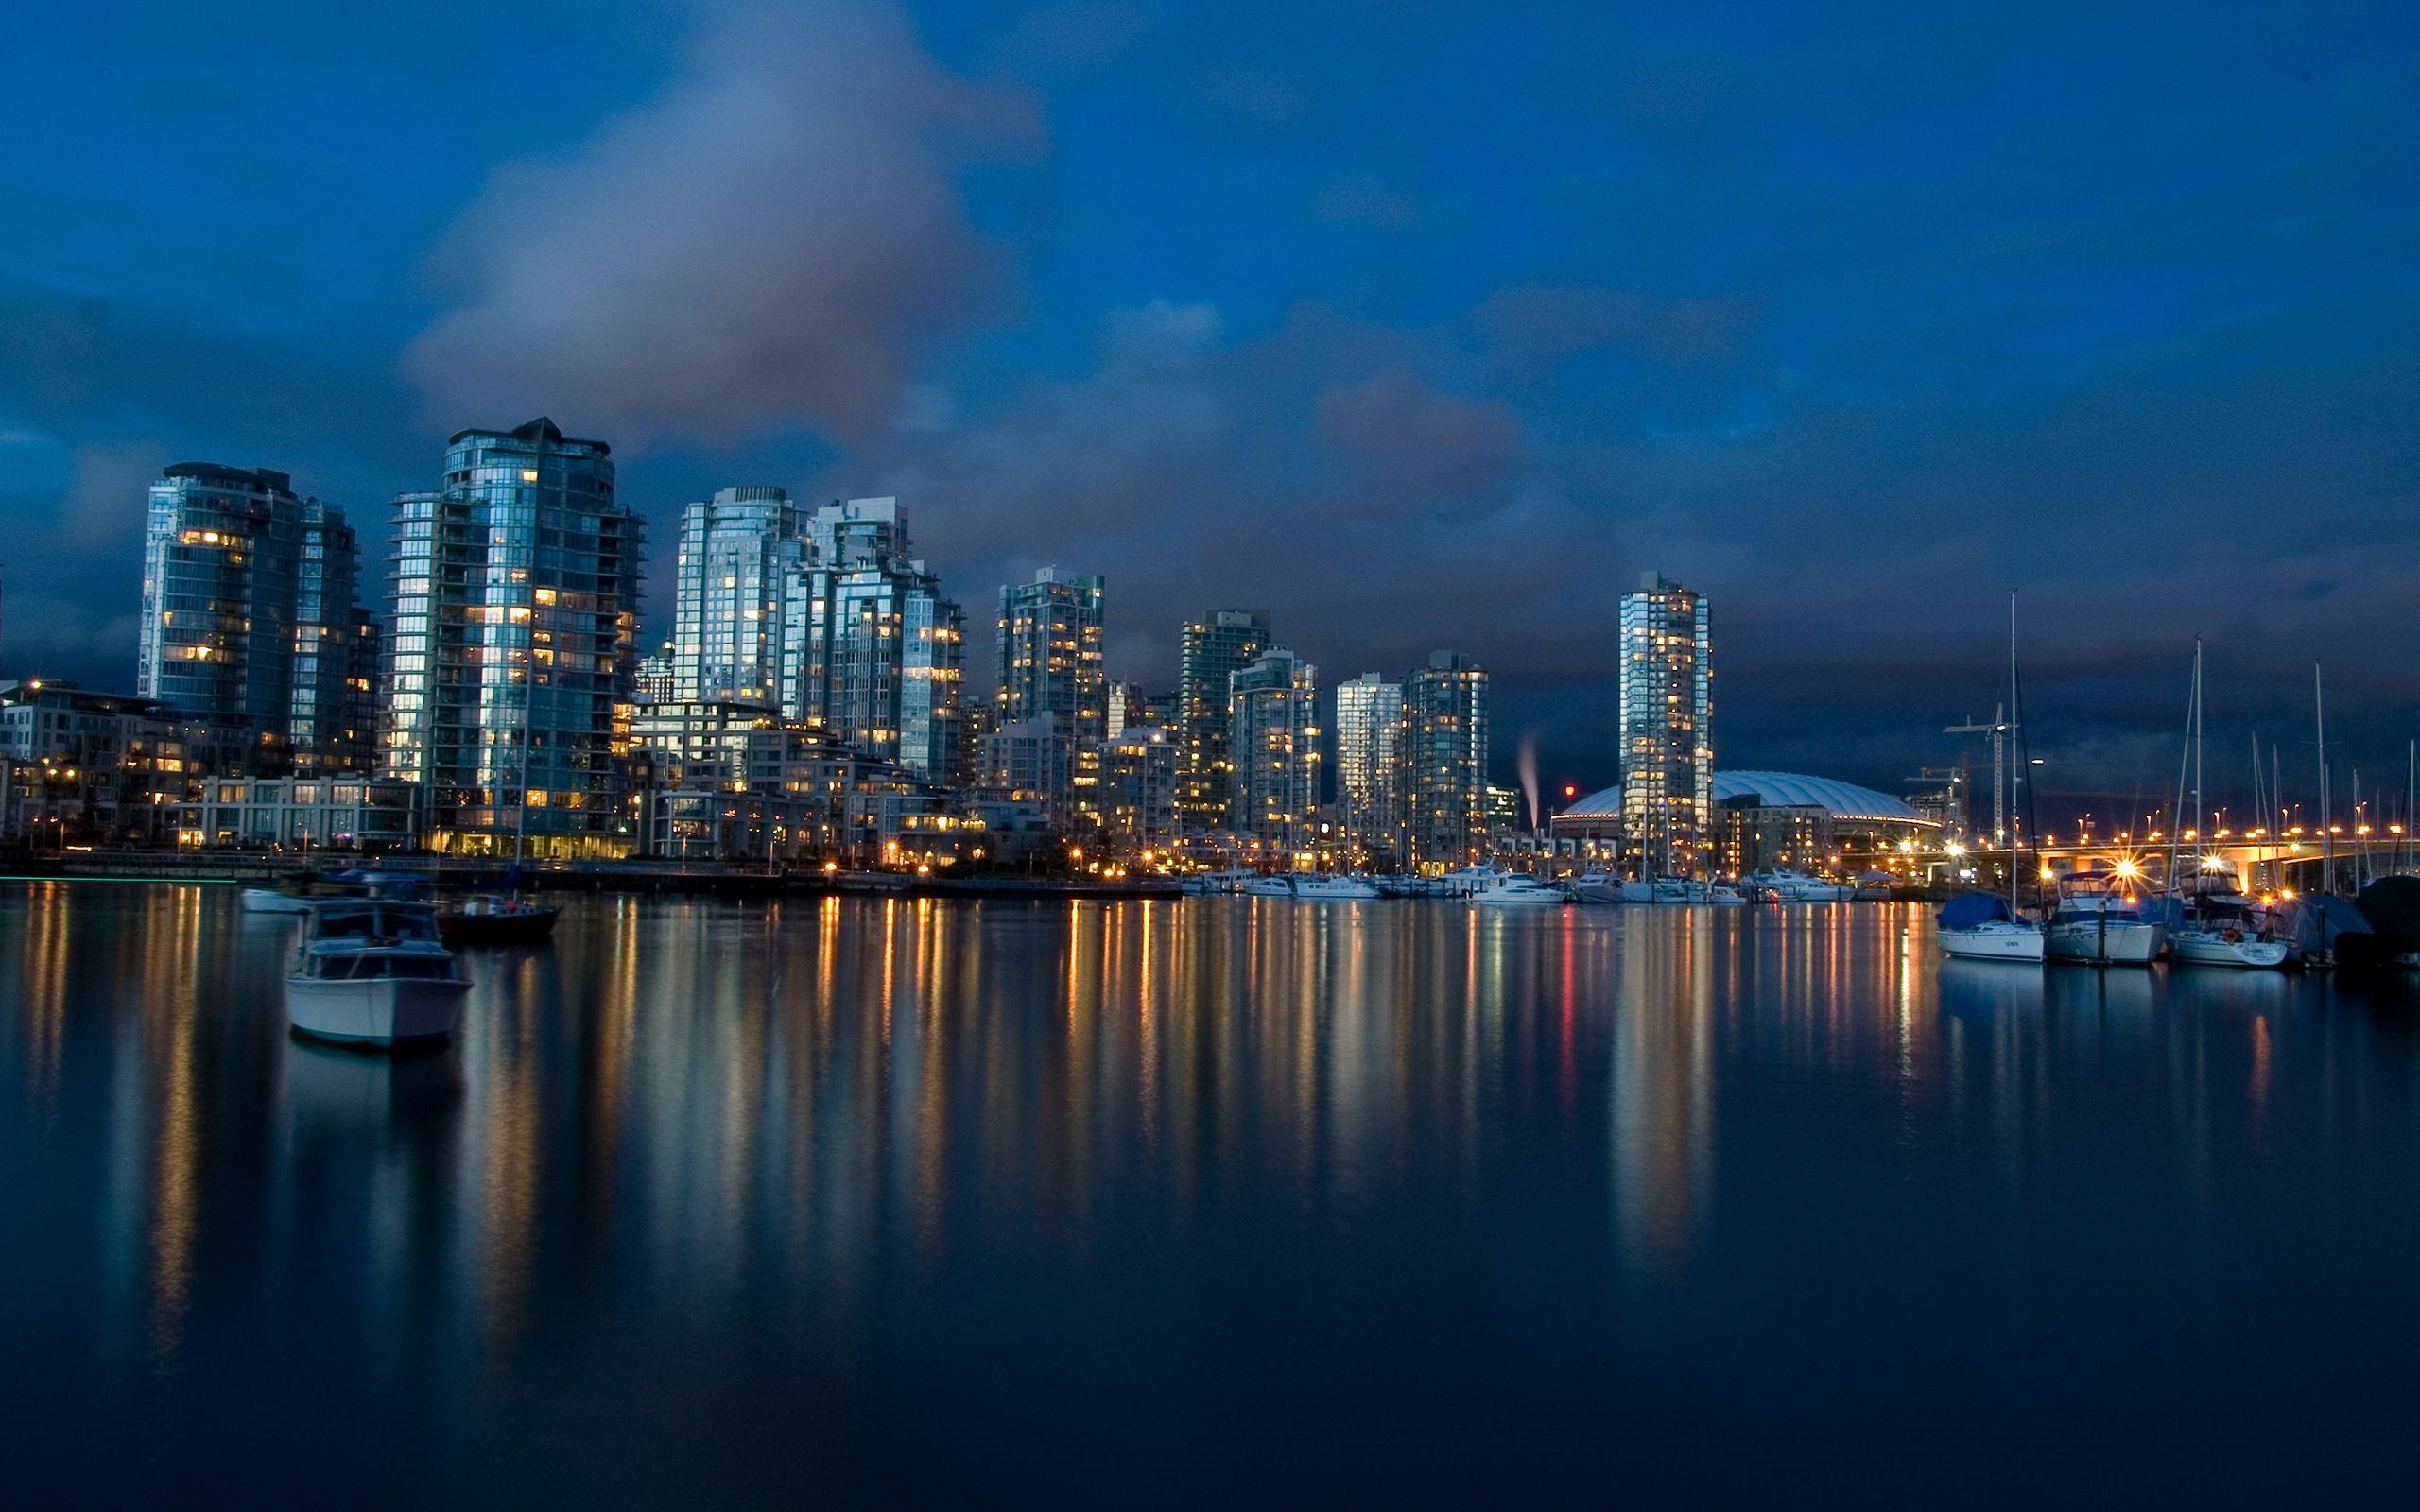 Cityscape Res: 2560x1600 / Size:392kb. Views: 7173